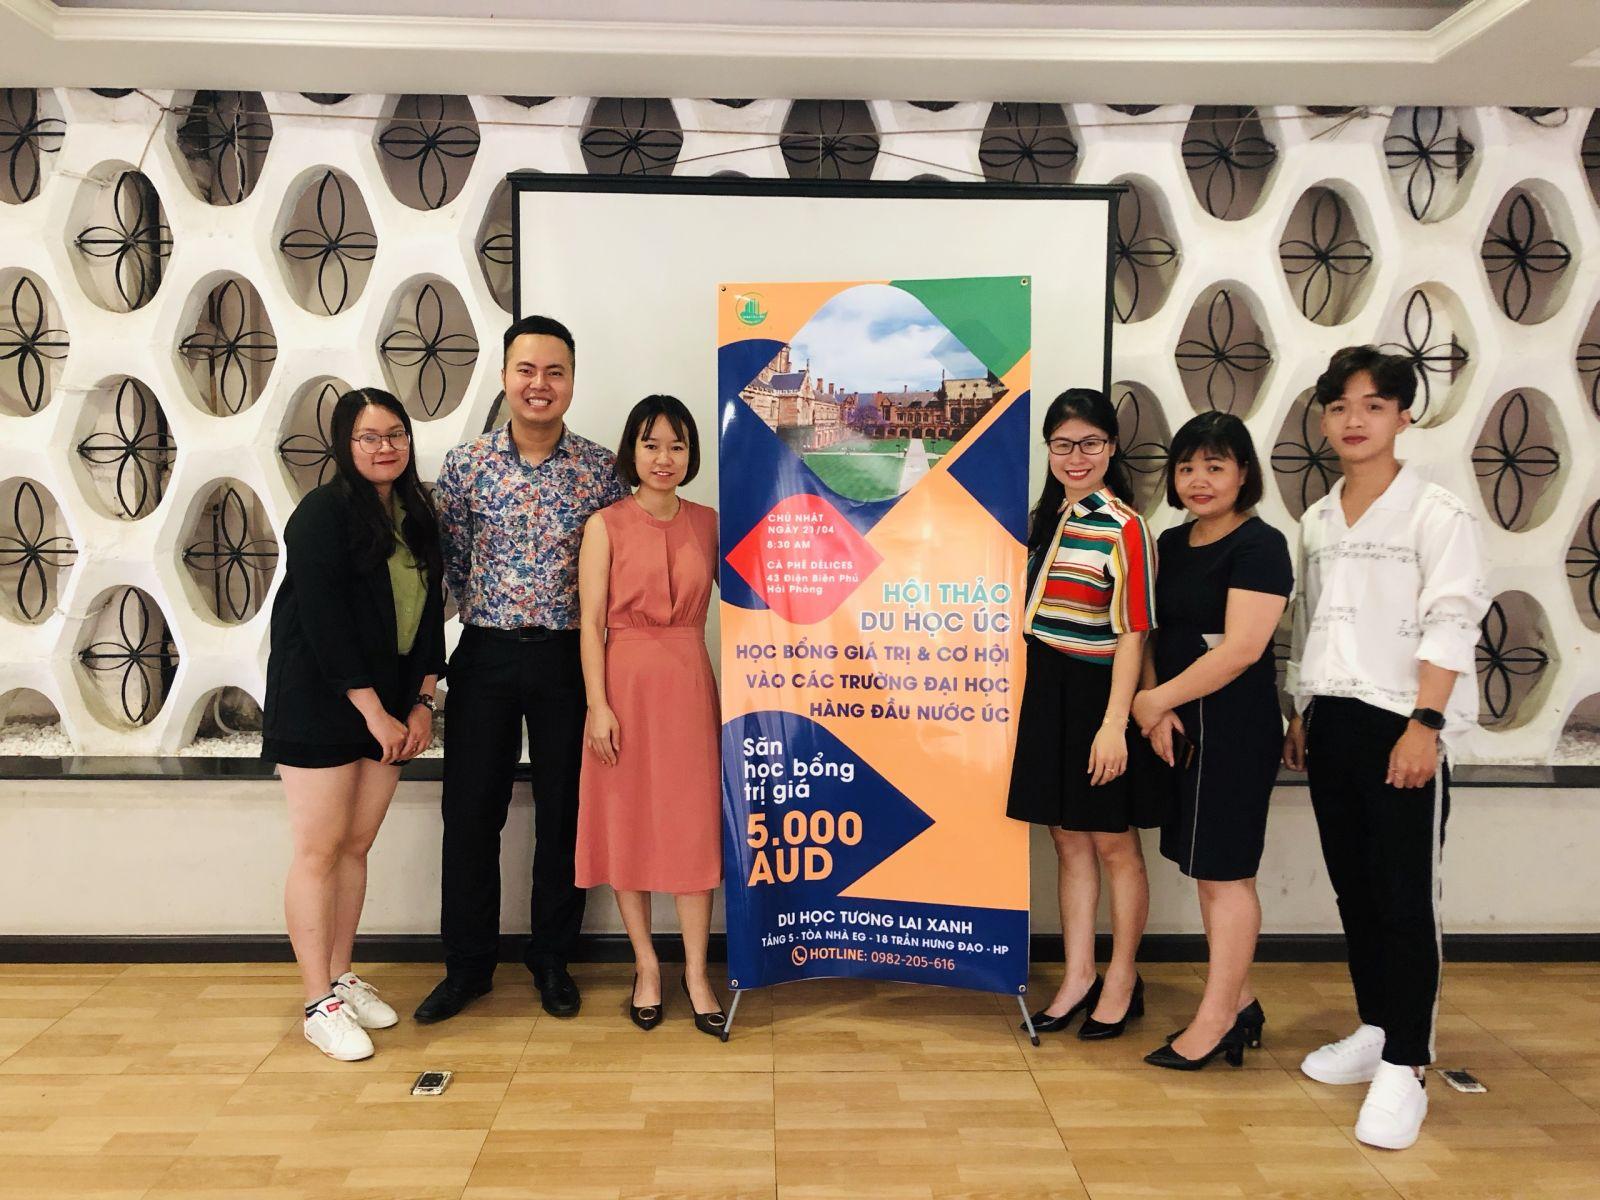 Hội thảo du học Úc 21.9.2019